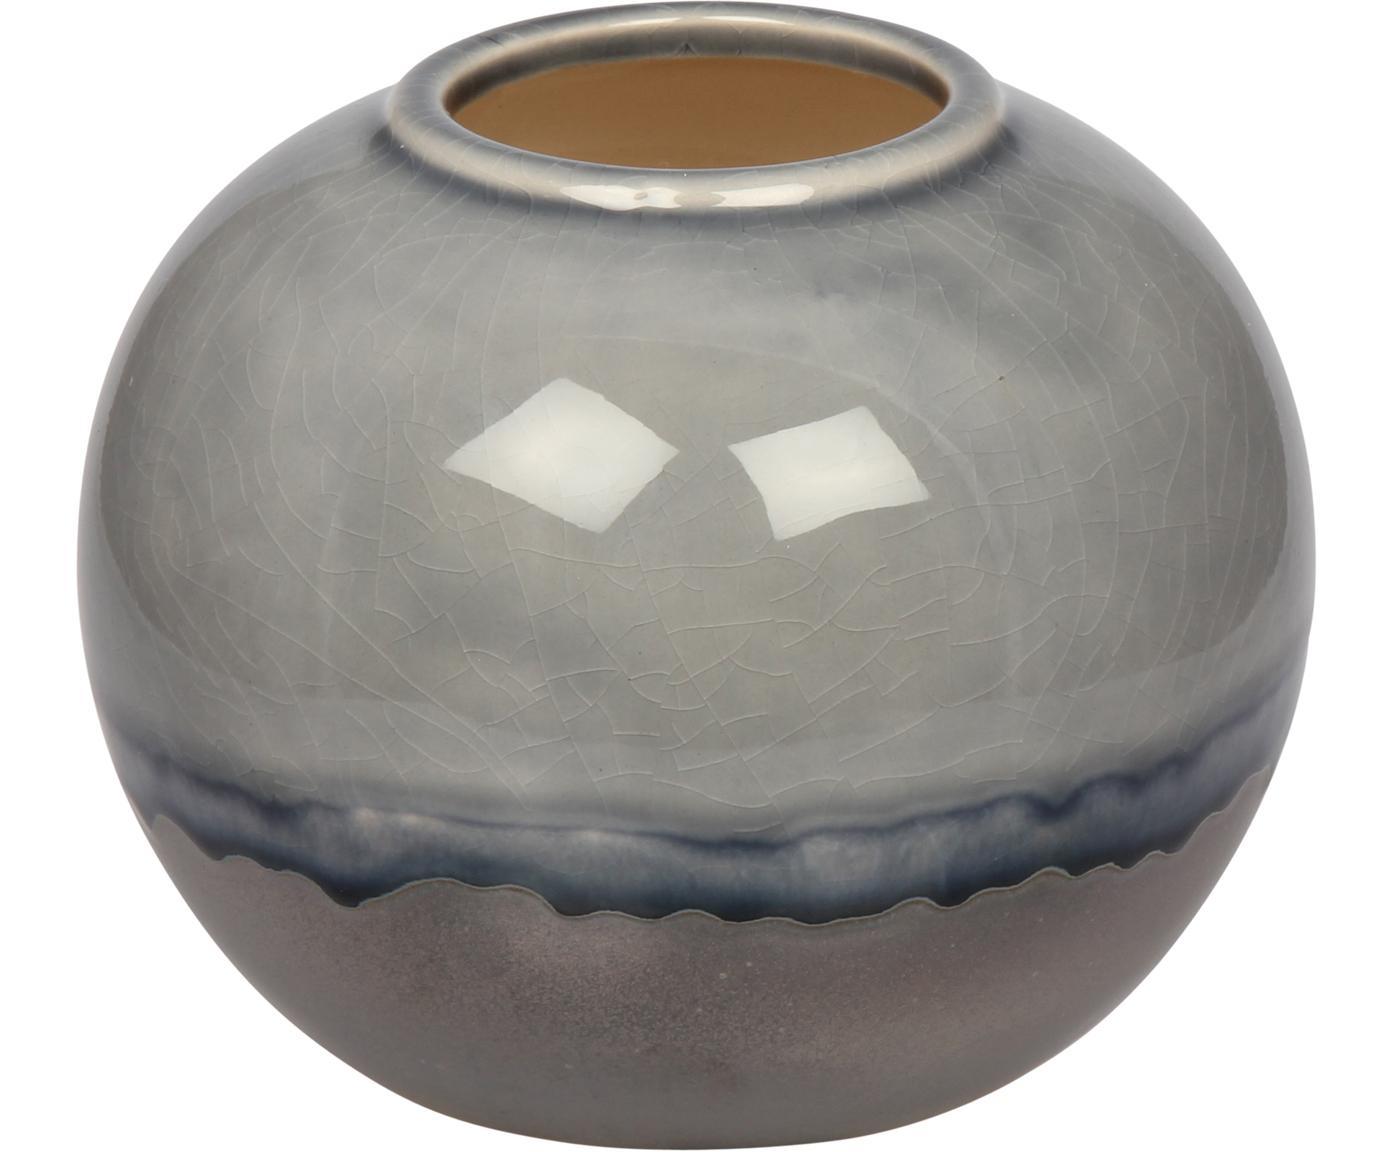 Kleine Deko-Vase Rumble aus Steingut, Steingut, Grautöne, Blau, Ø 15 x H 13 cm